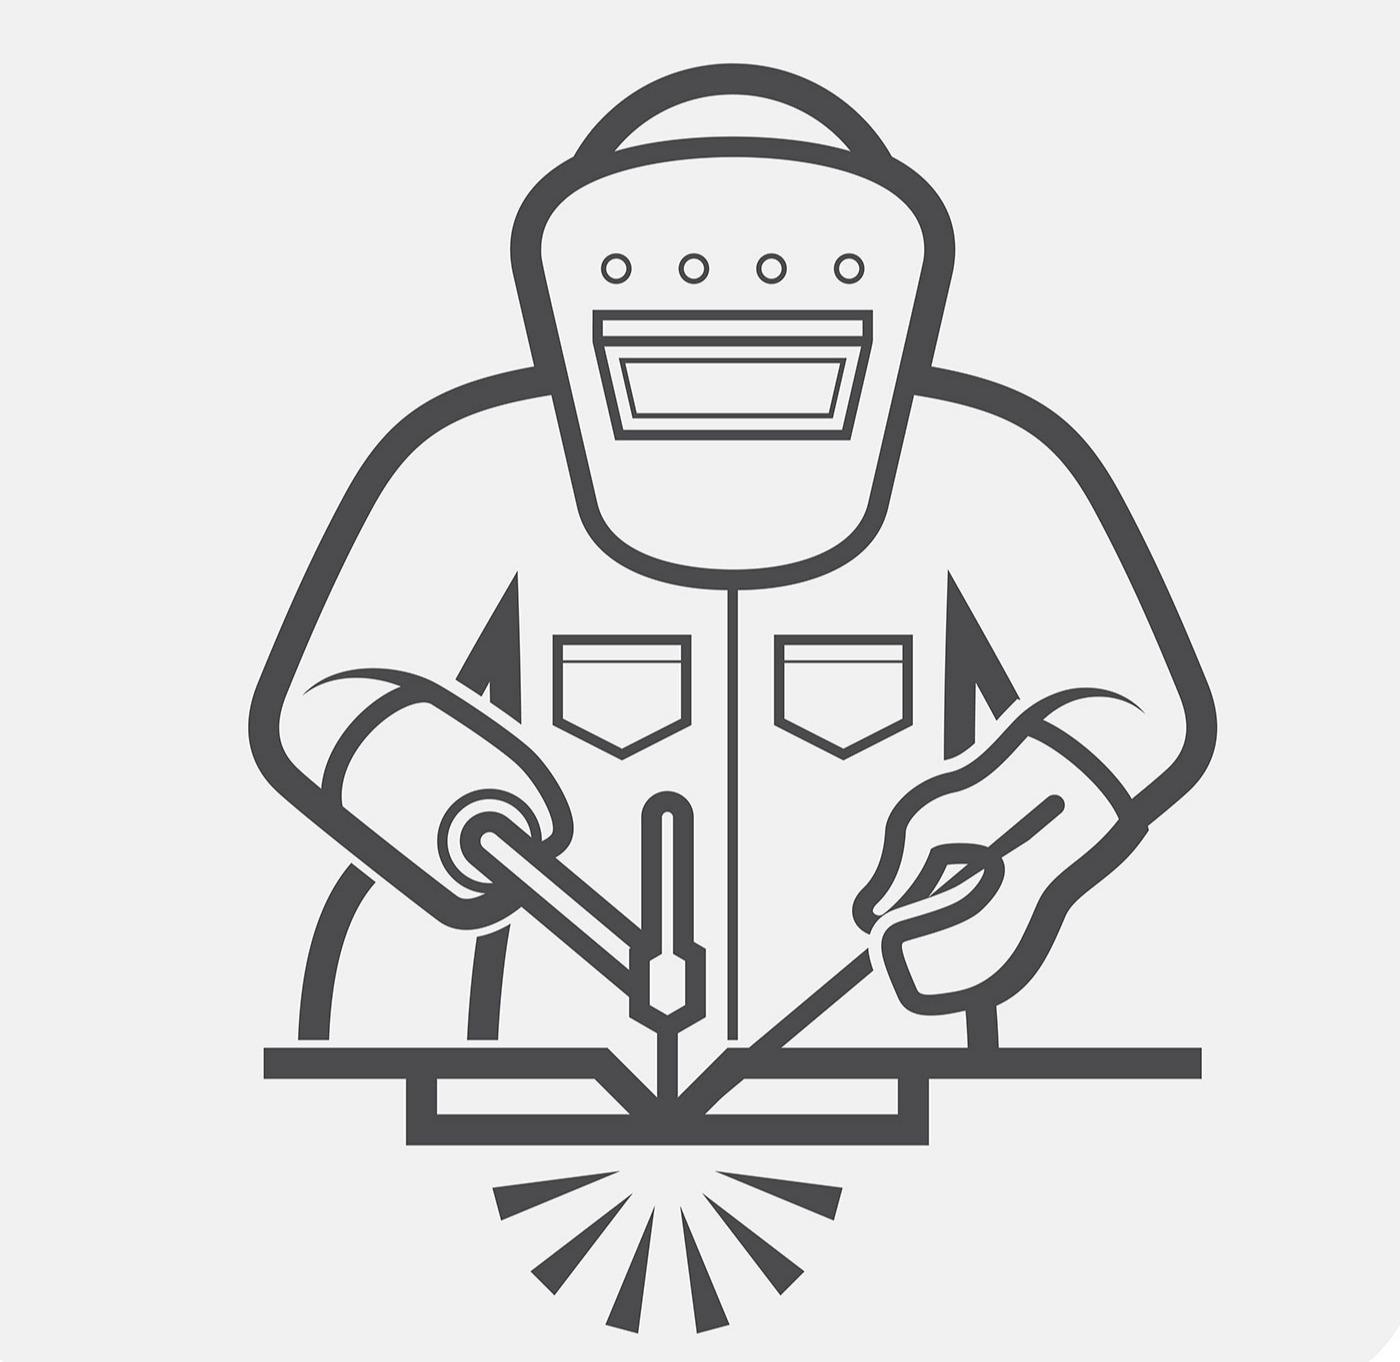 welding icon